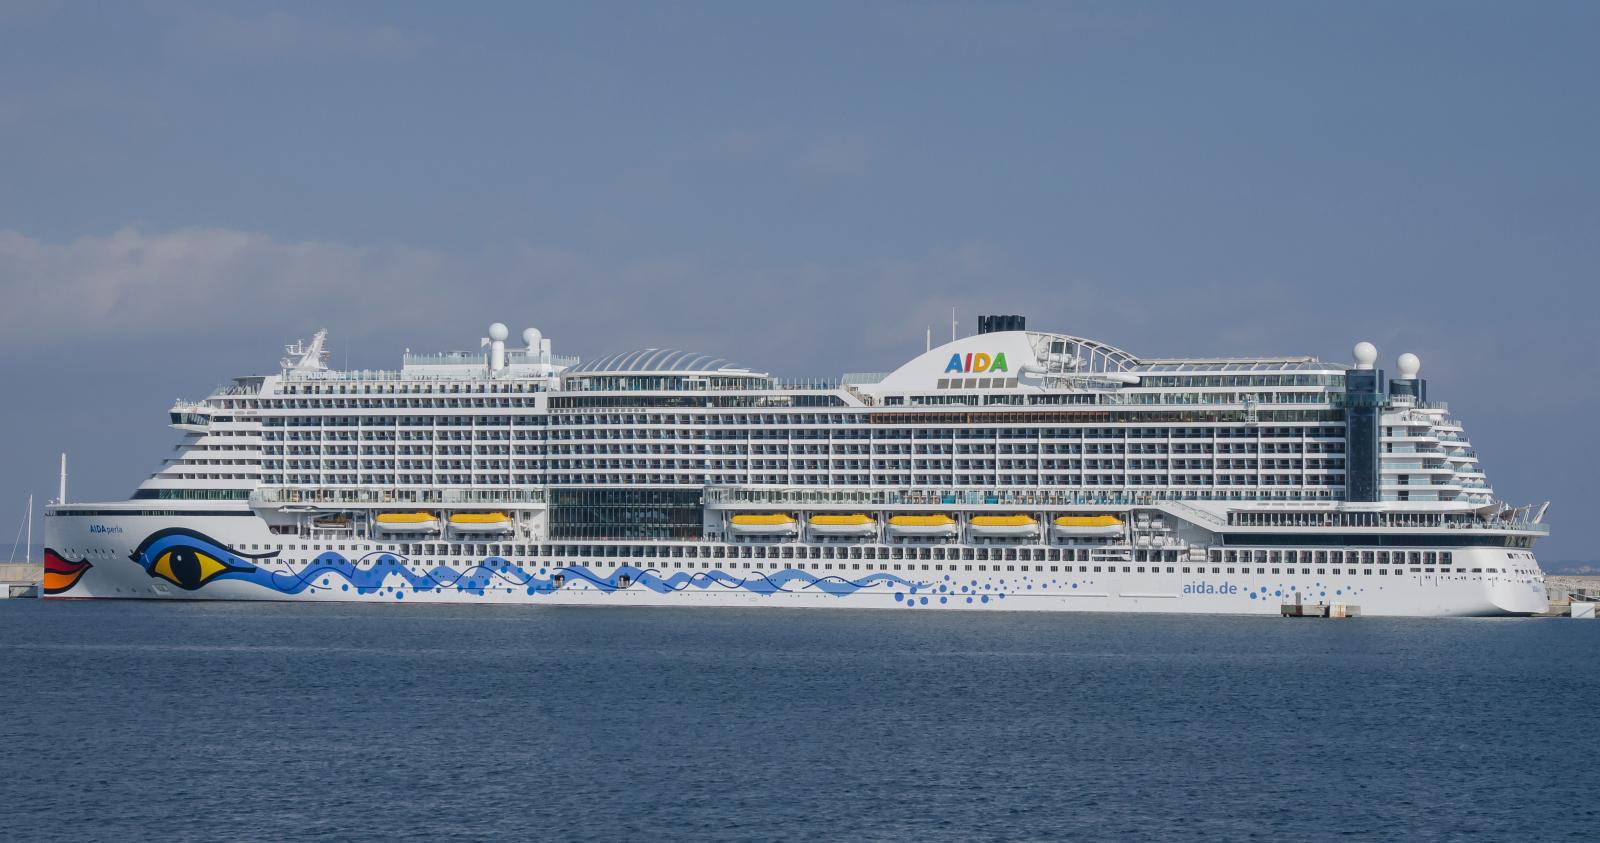 AIDAperla (Hyperion Cruise Ship)